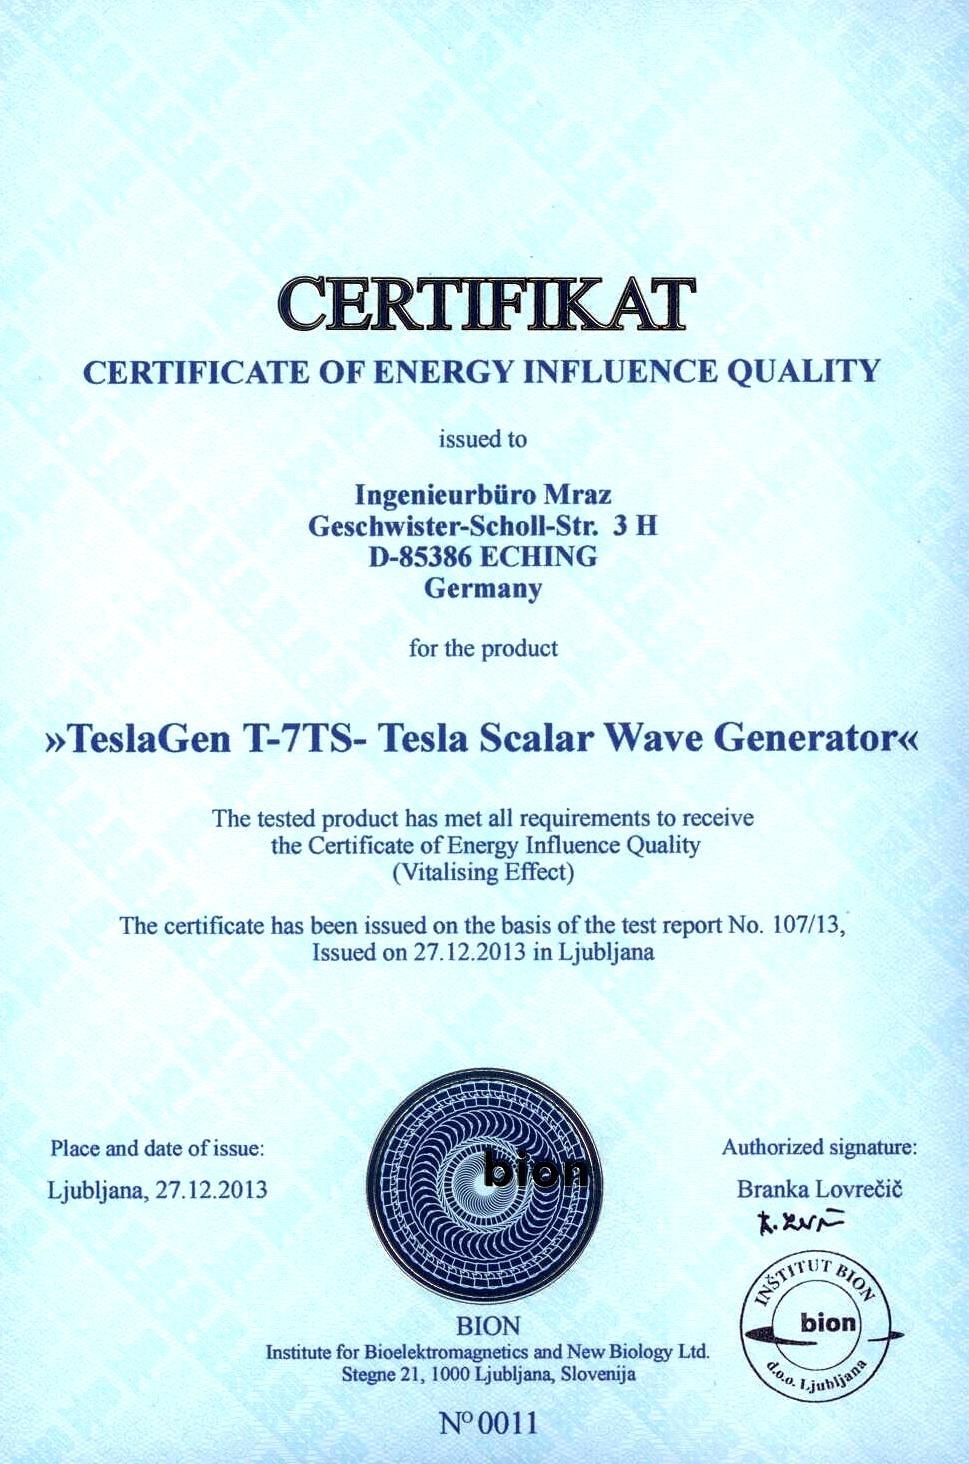 BION certifikat TeslaGen E